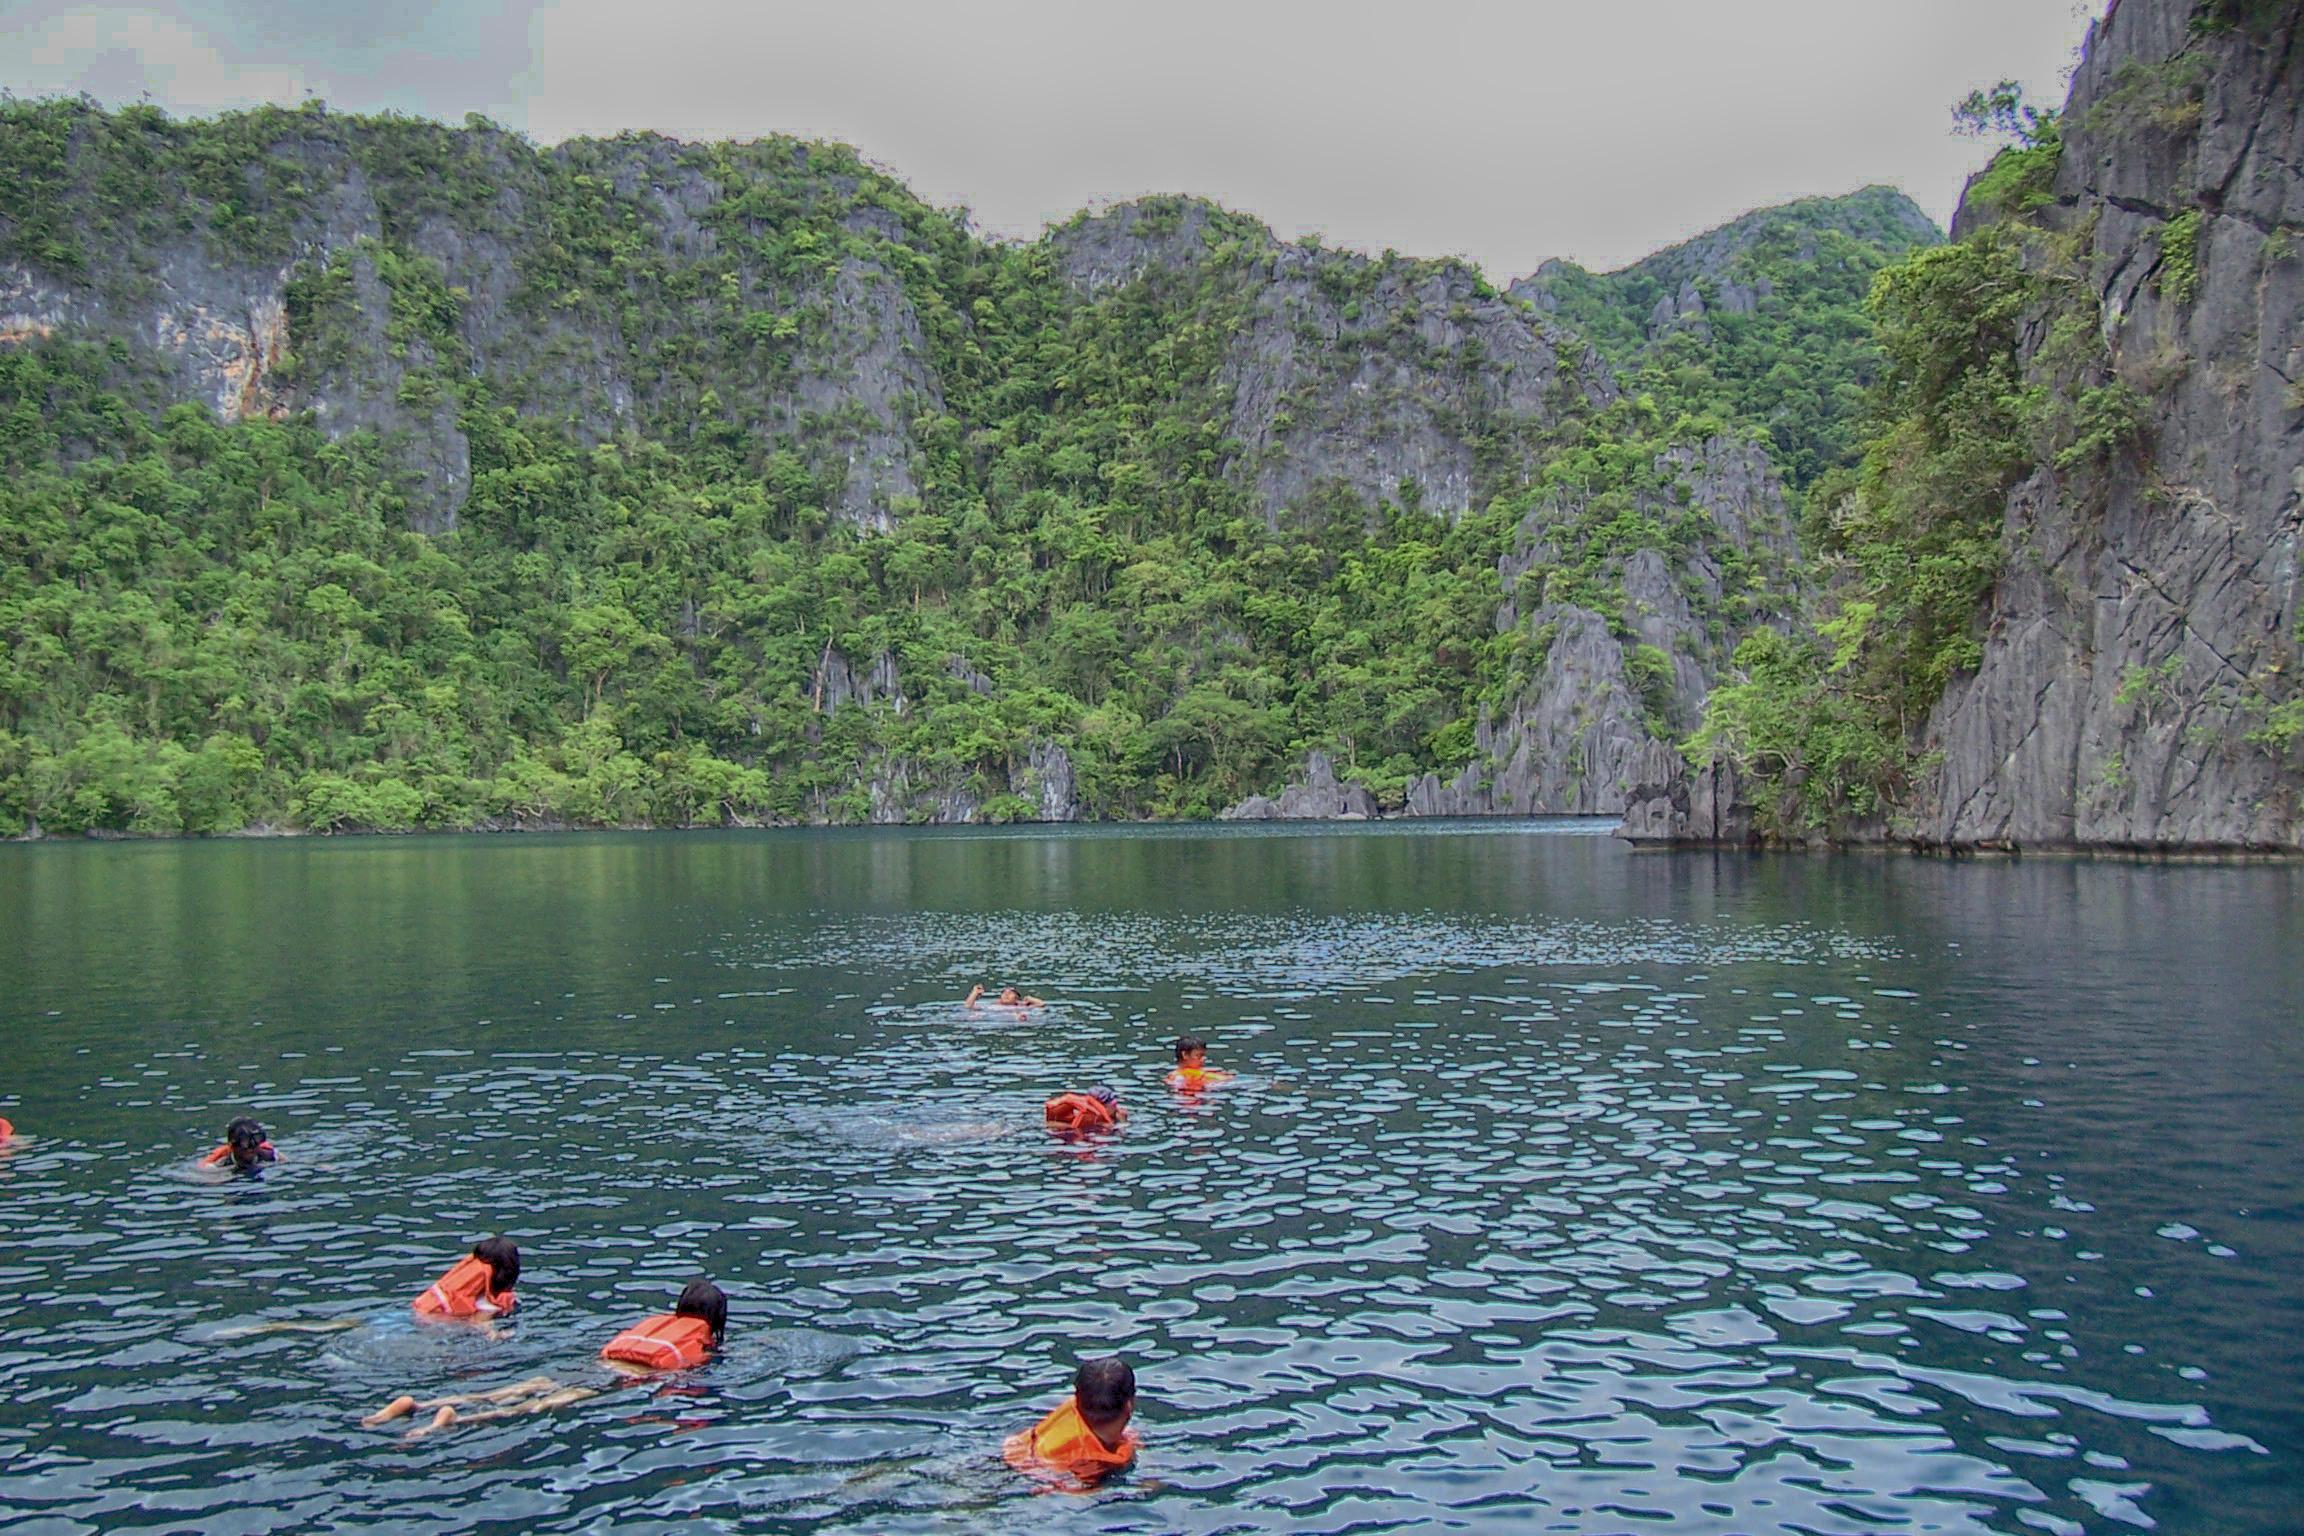 Schwimmen im Süßwassersee auf Busuanga, Palawan (Philippinen)